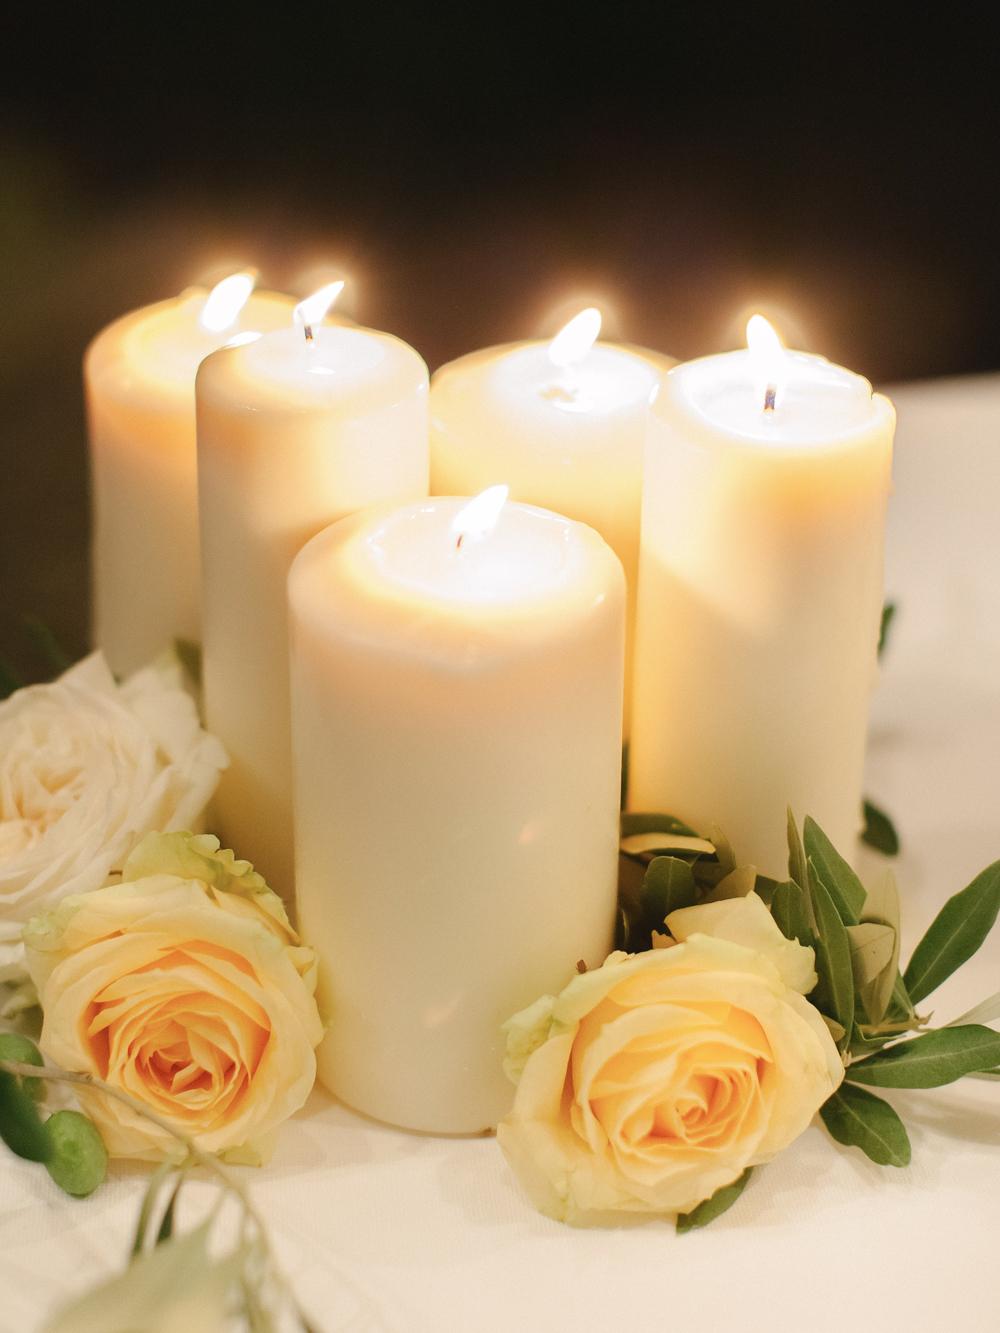 TUSCANY-INTIMATE-WEDDING--44